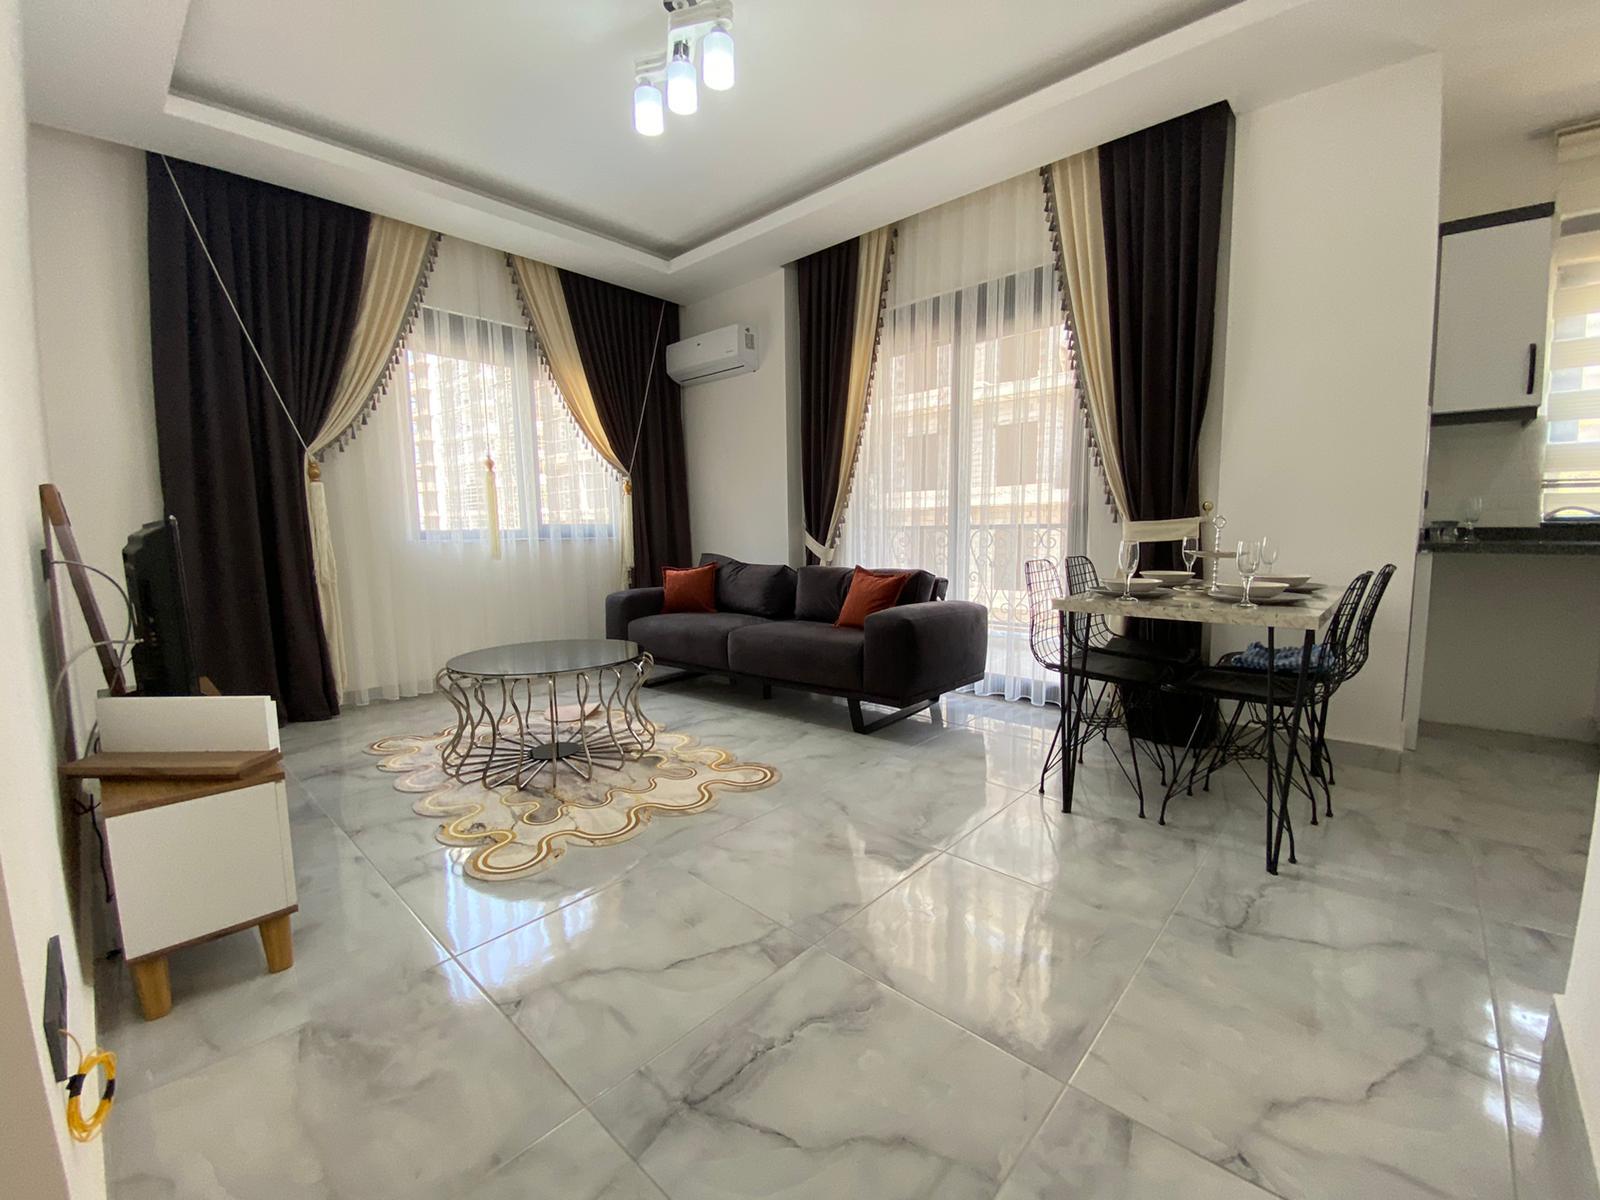 Двухкомнатная квартира в районе Махмутлар. - Фото 6